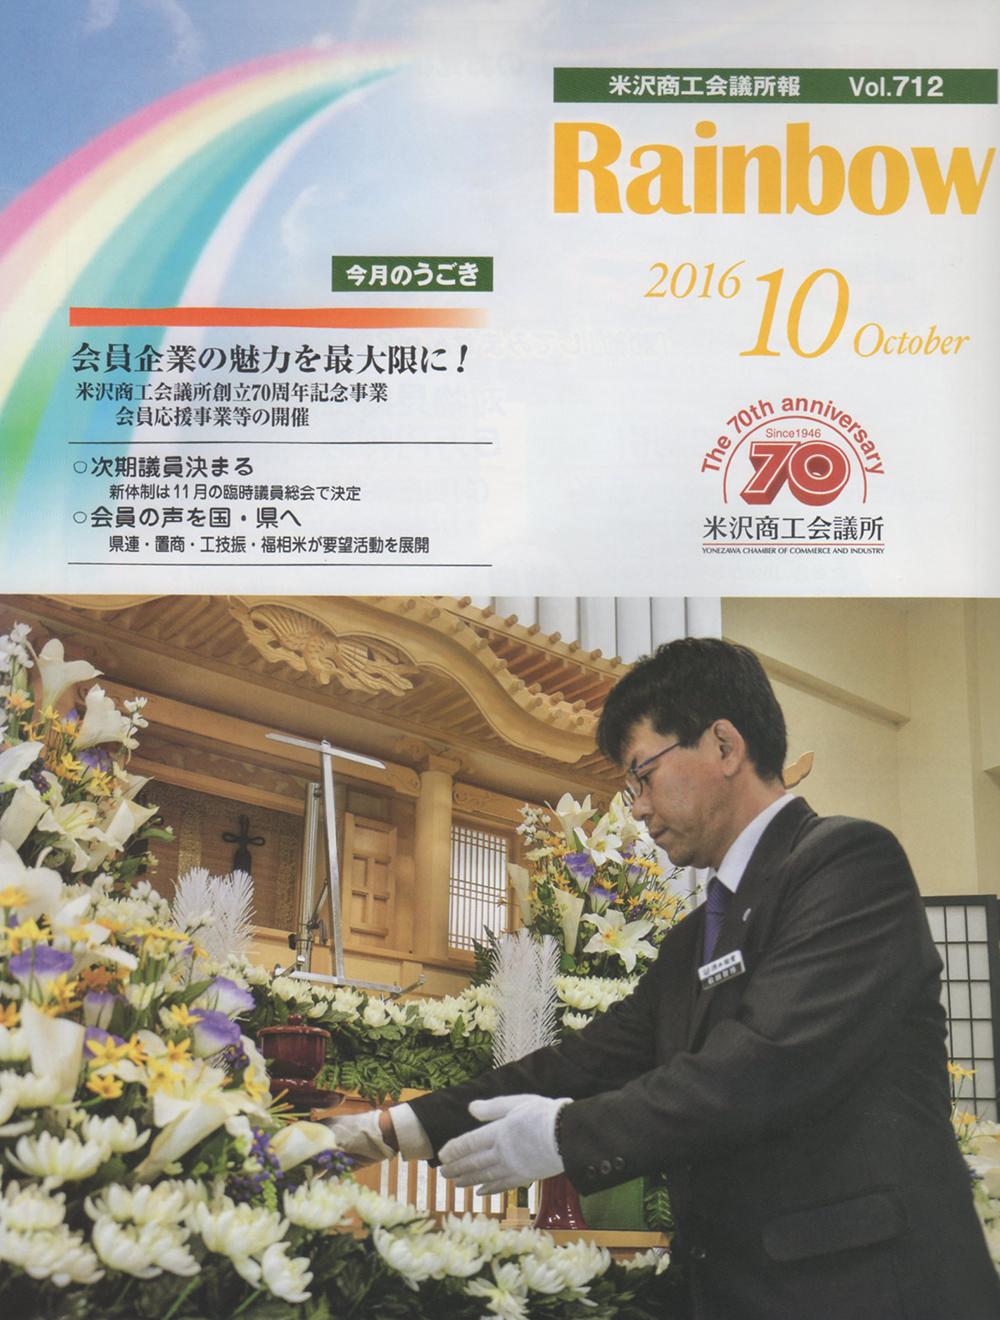 米沢商工会議所レインボー広告協賛